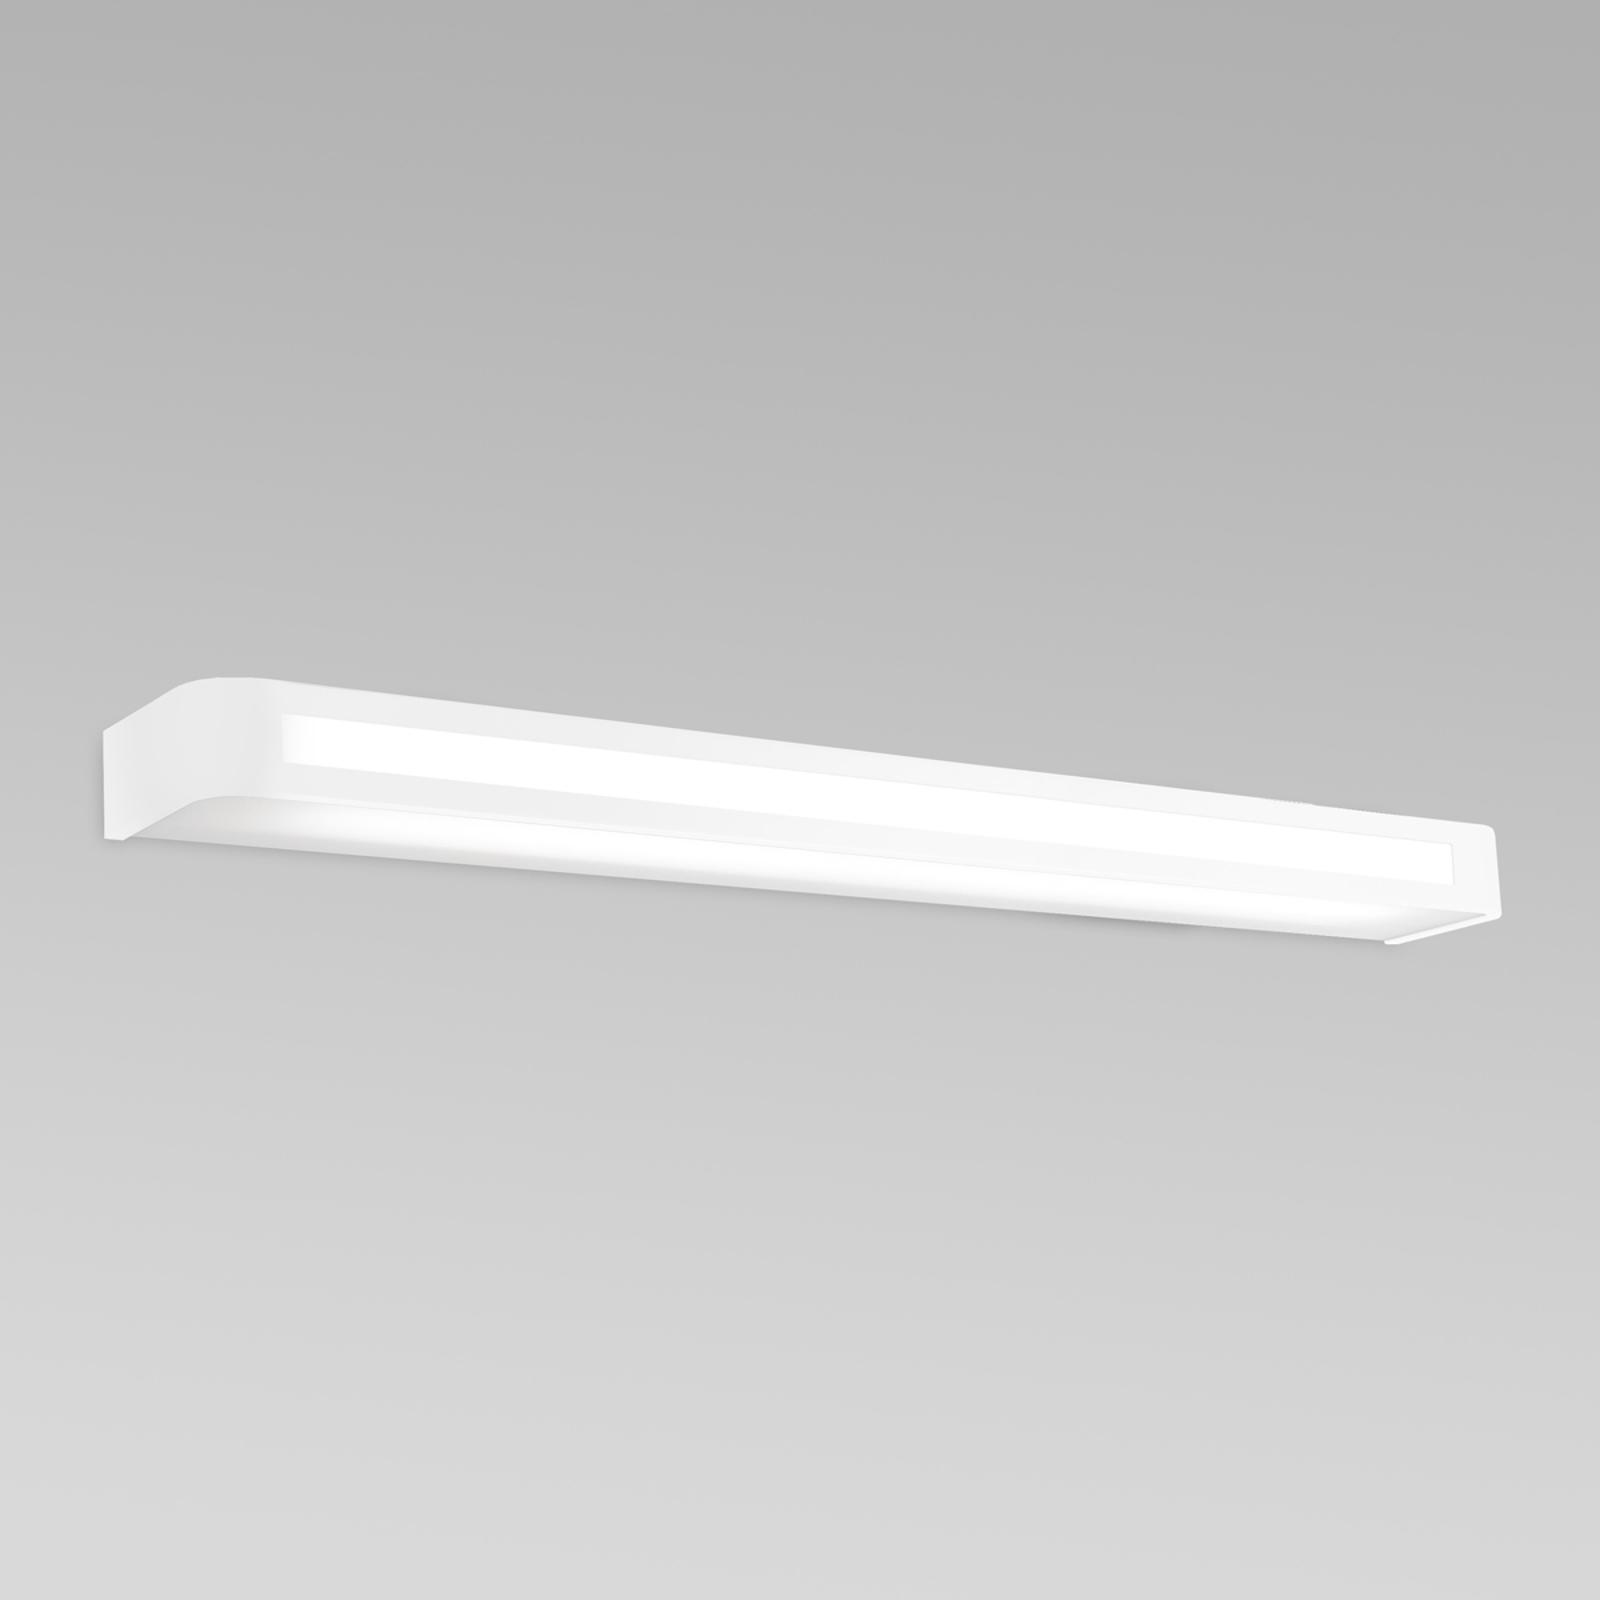 Ajaton LED-seinävalaisin Acros, 90 cm, valkoinen